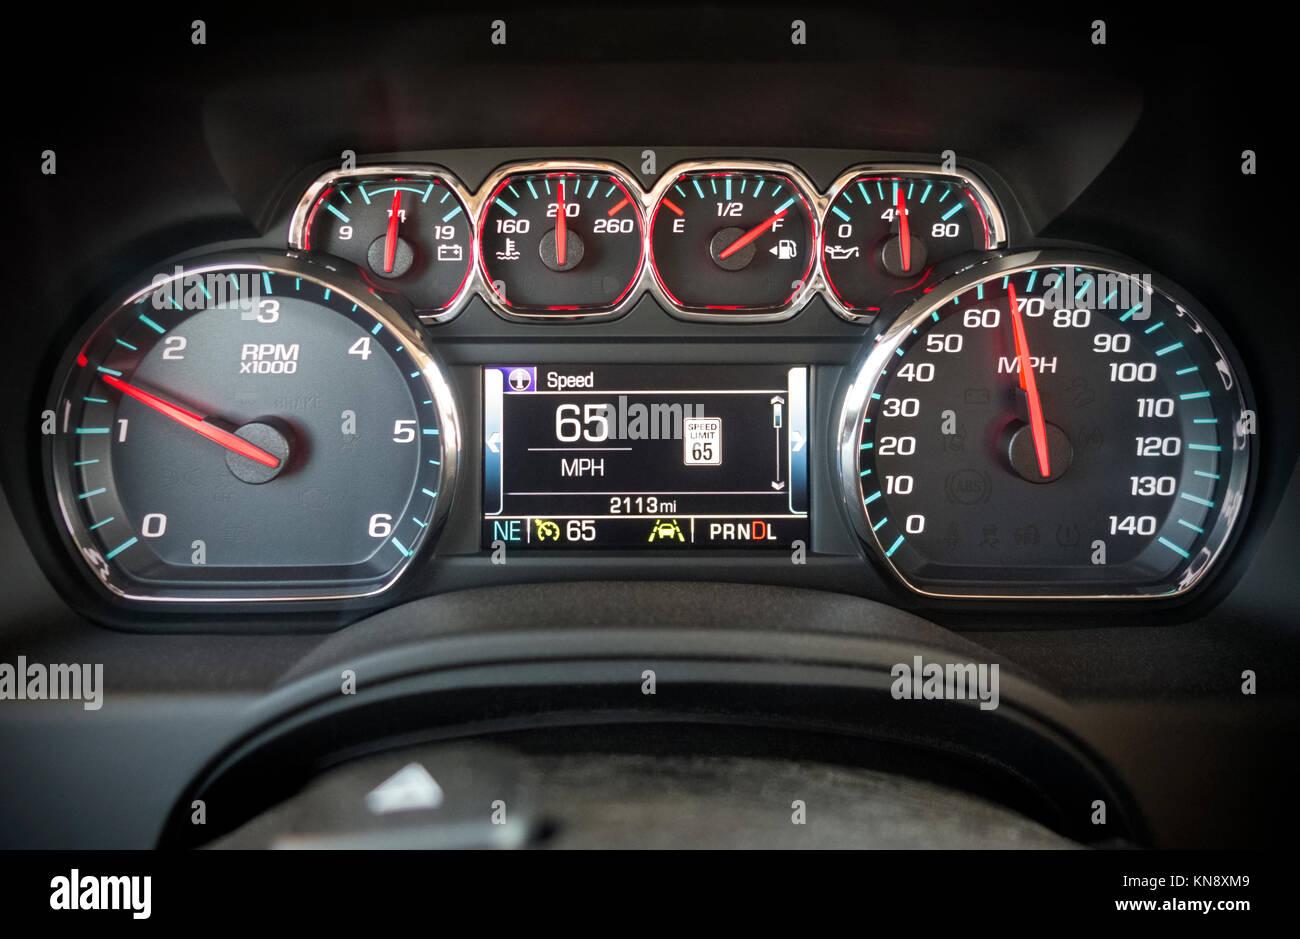 Speedometer Stock Photos & Speedometer Stock Images - Alamy